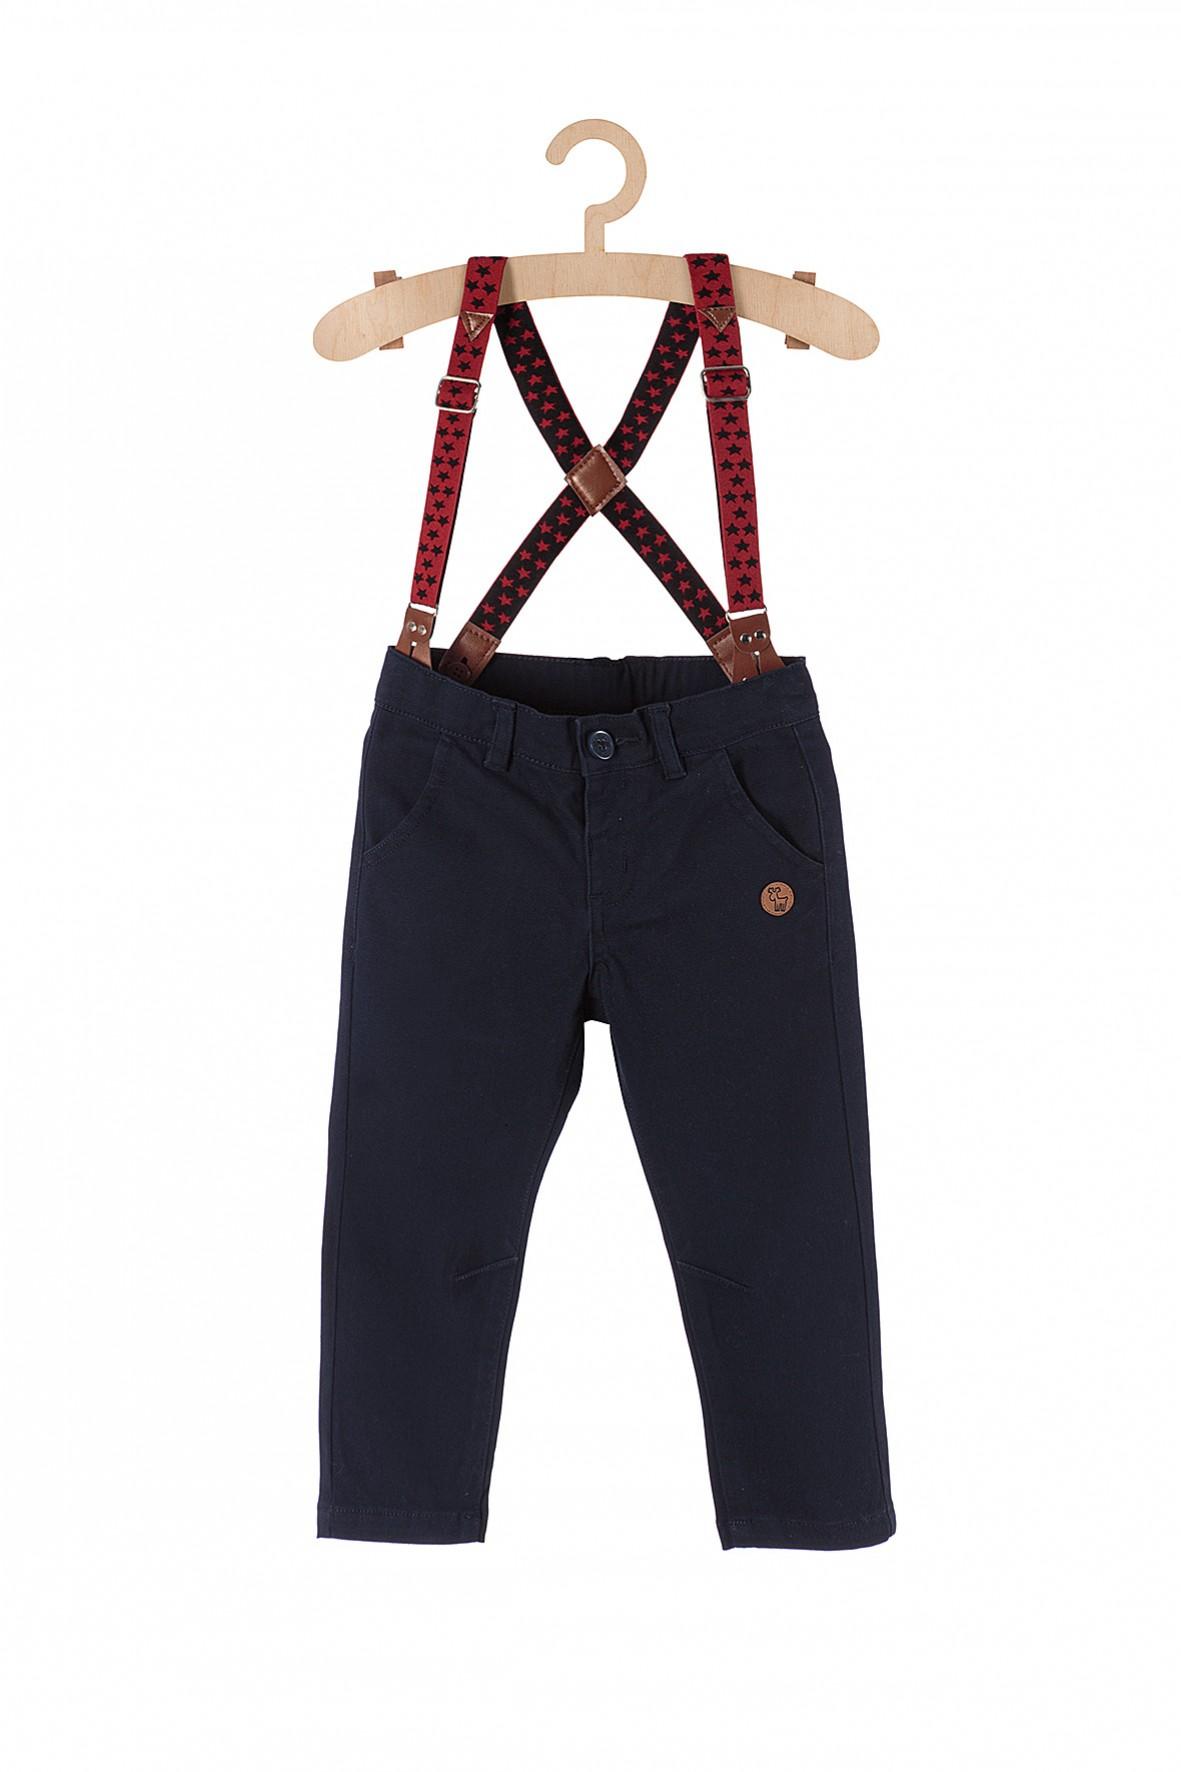 Spodnie dla chłopca- granatowe z bordowymi szelkami